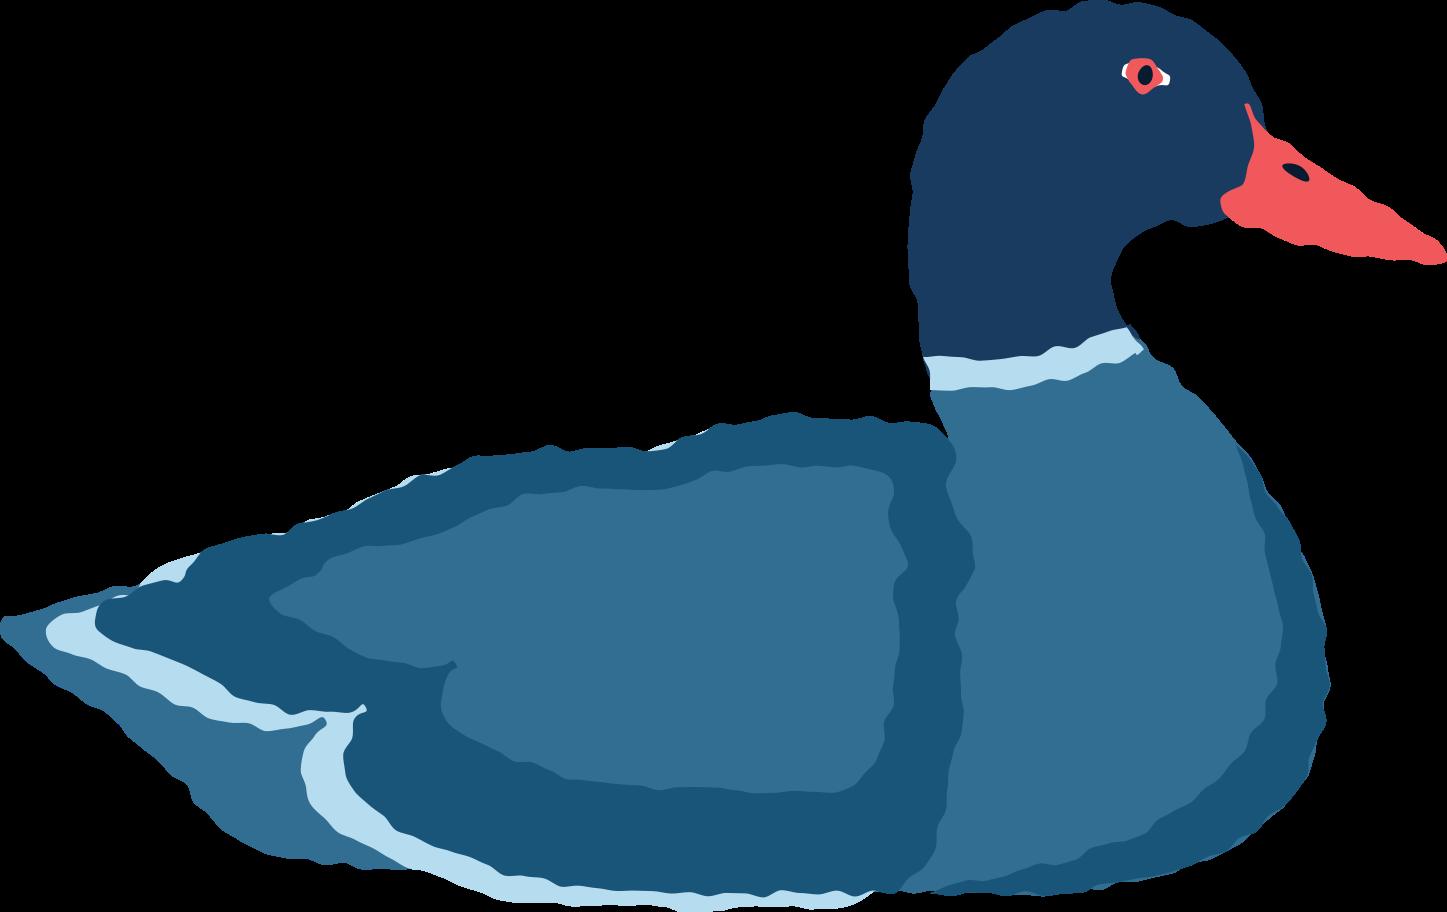 drake Clipart illustration in PNG, SVG